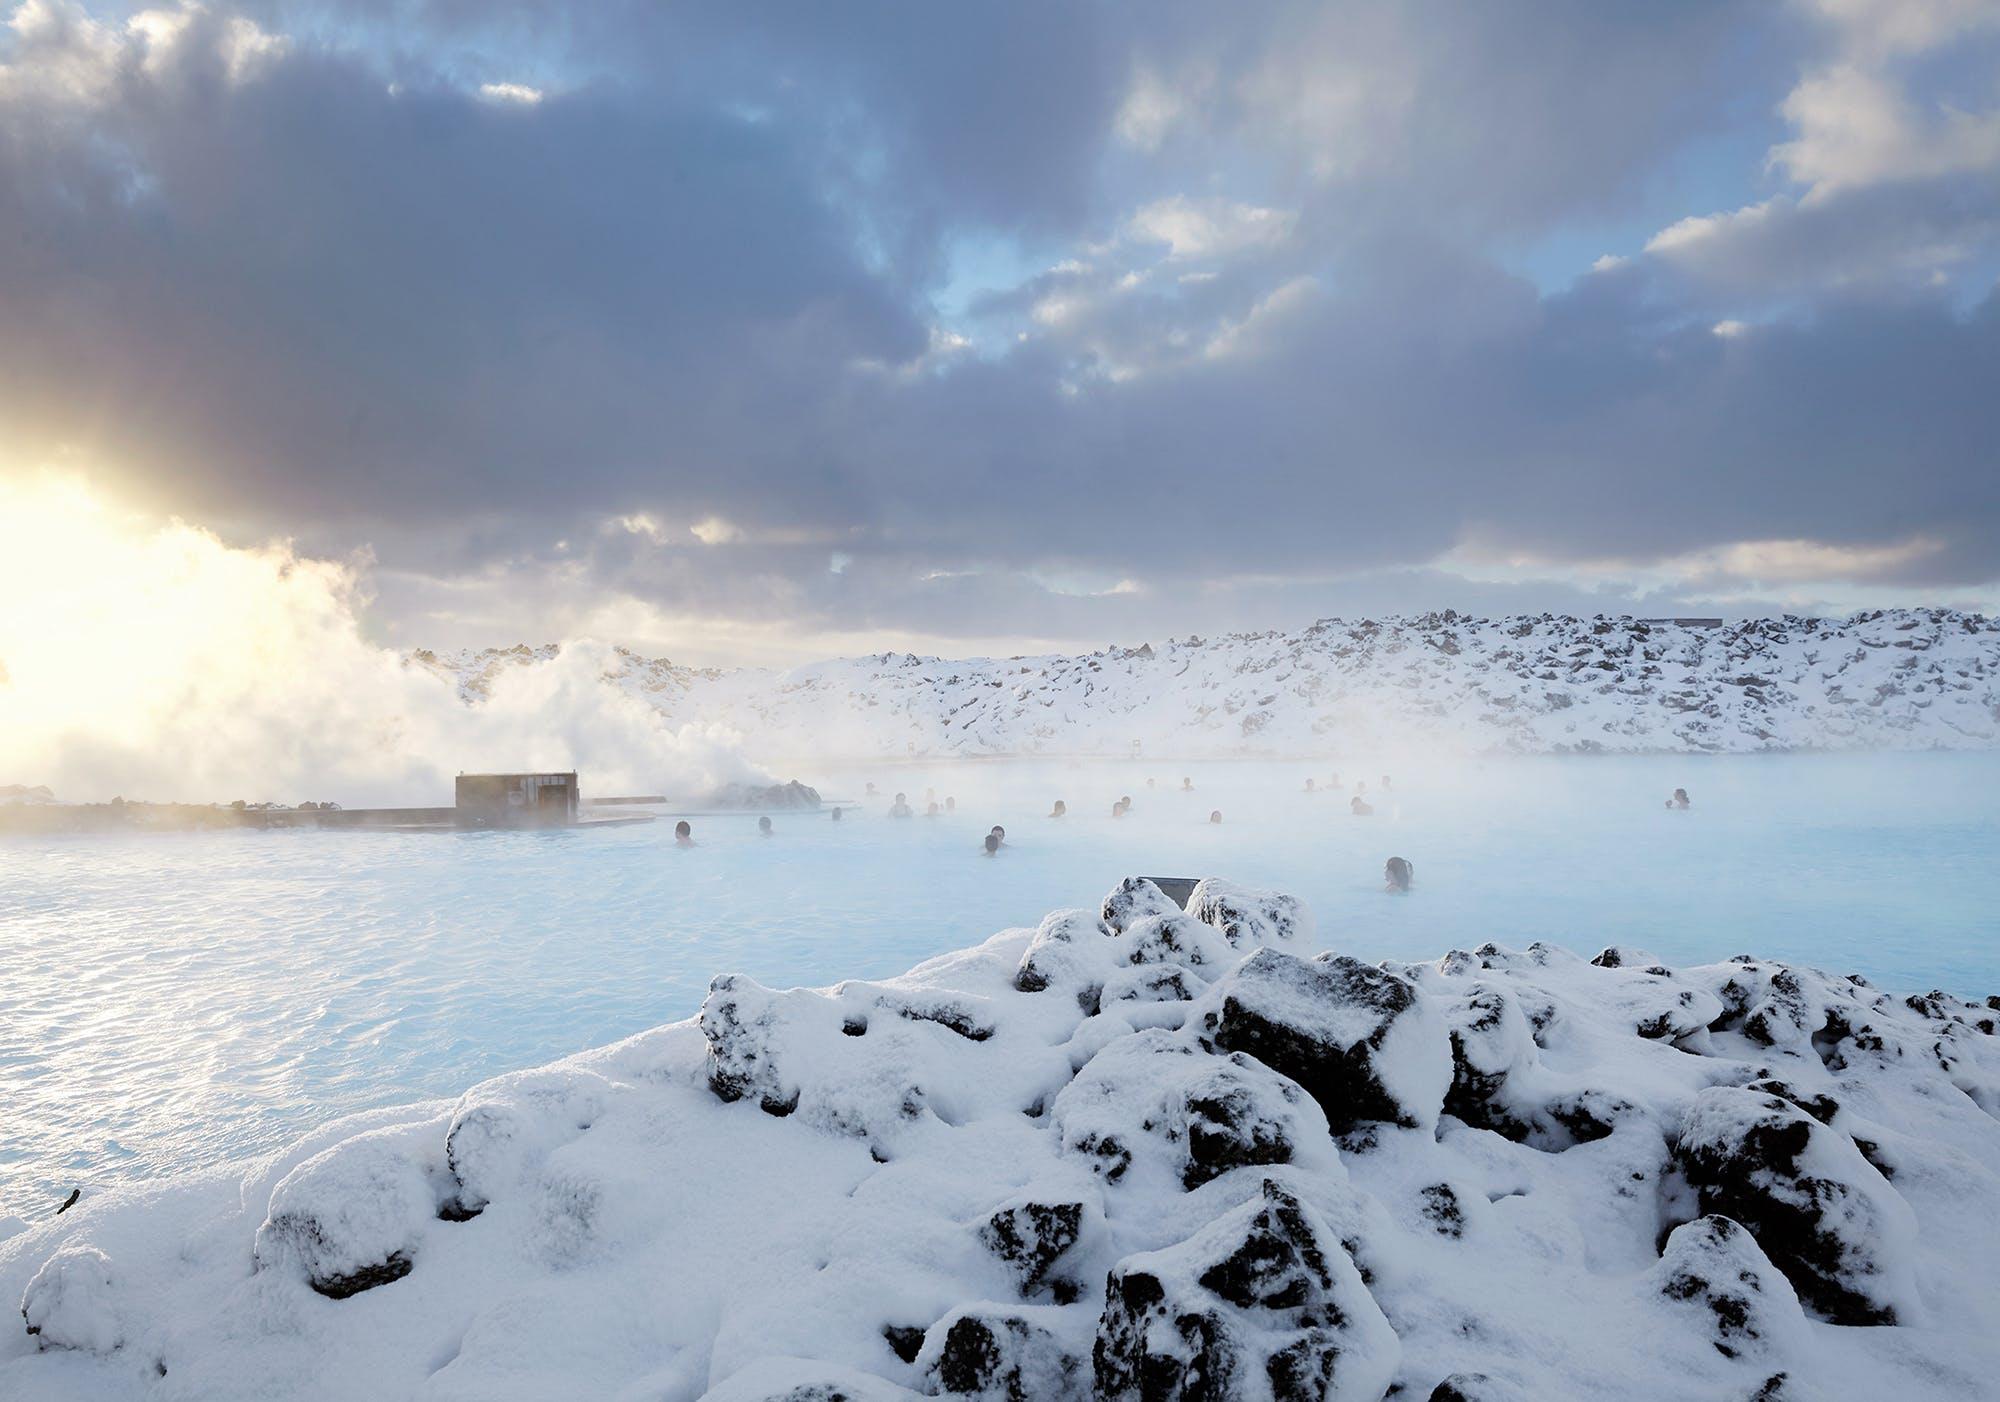 冰岛蓝湖温泉距离凯夫拉维克国际机场很近,被雷克雅内斯半岛的熔岩原包围